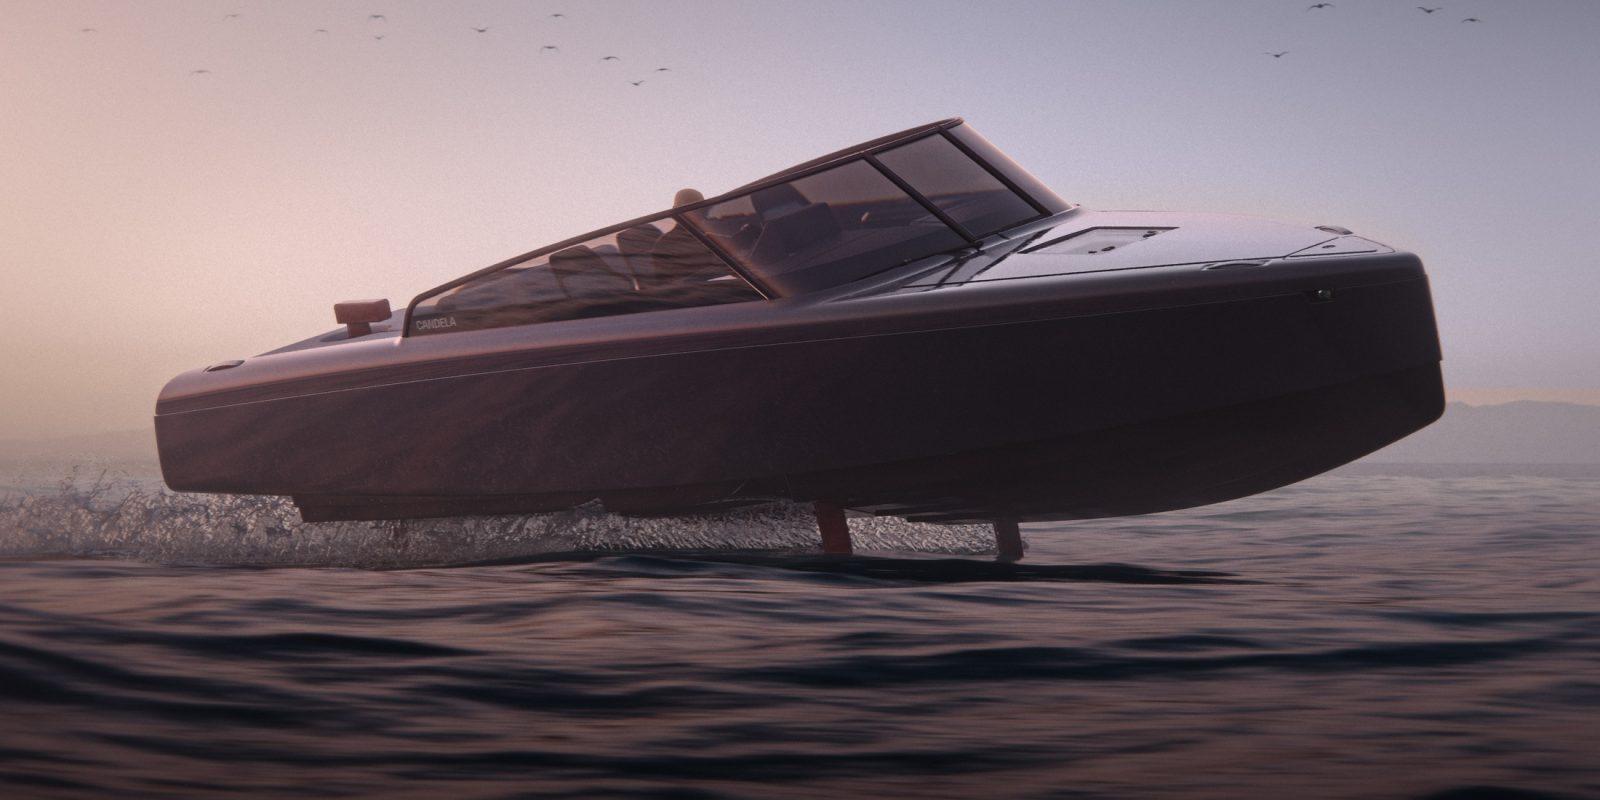 Candela C-8 : le nouveau bateau électrique à foils se dévoile